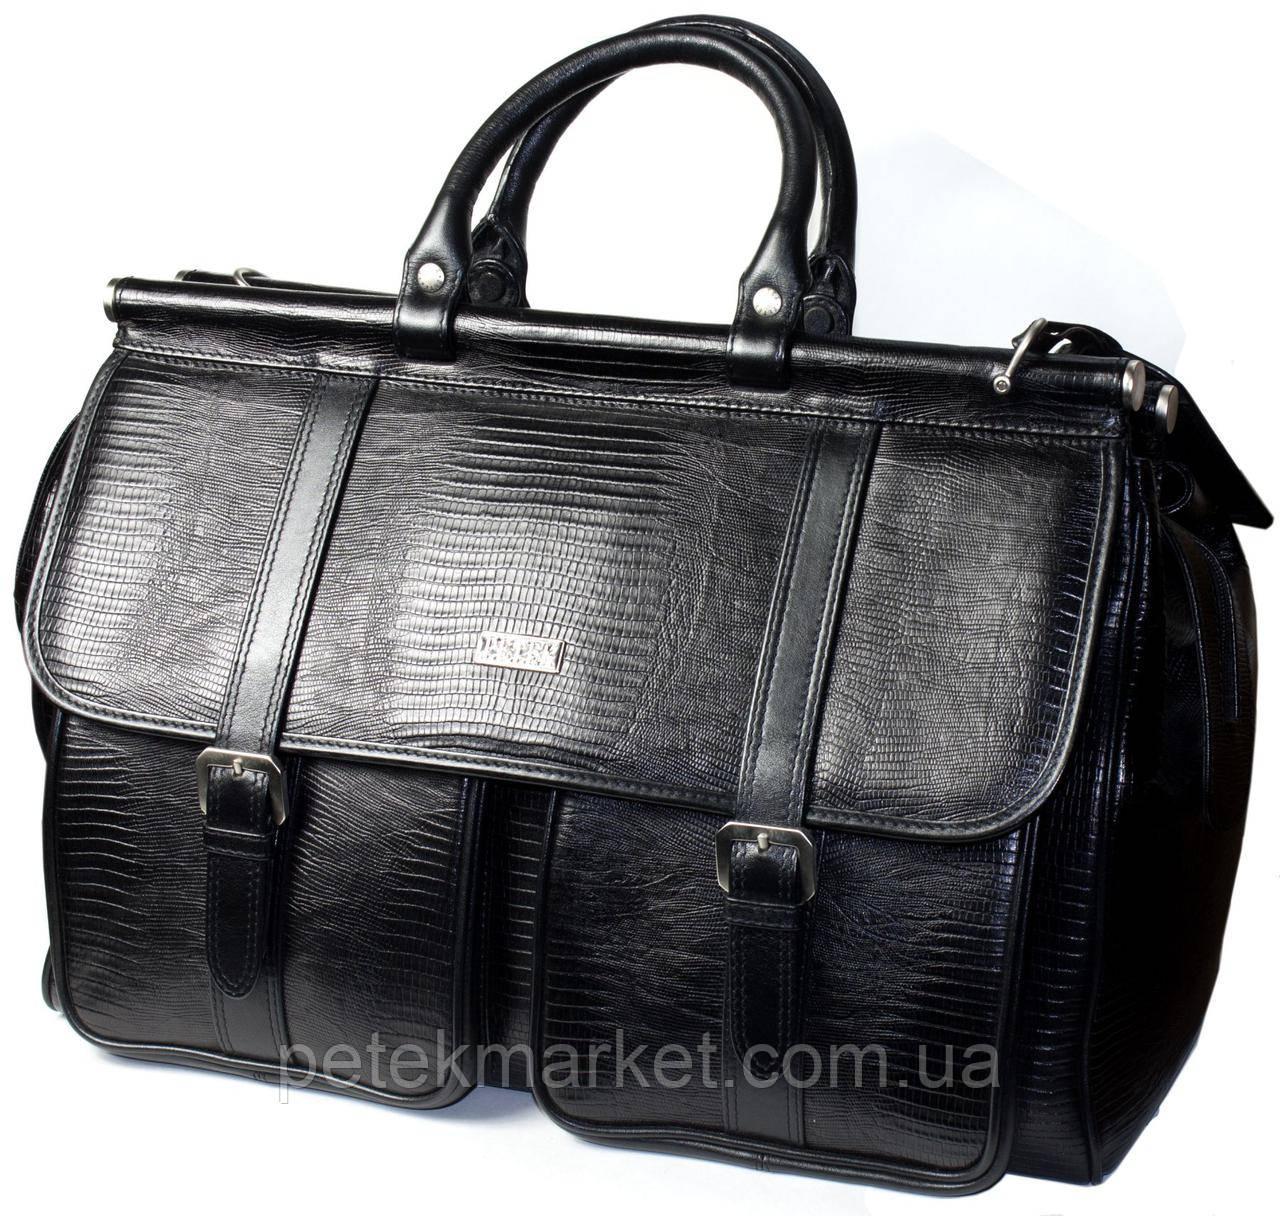 Кожаный саквояж Petek 3815